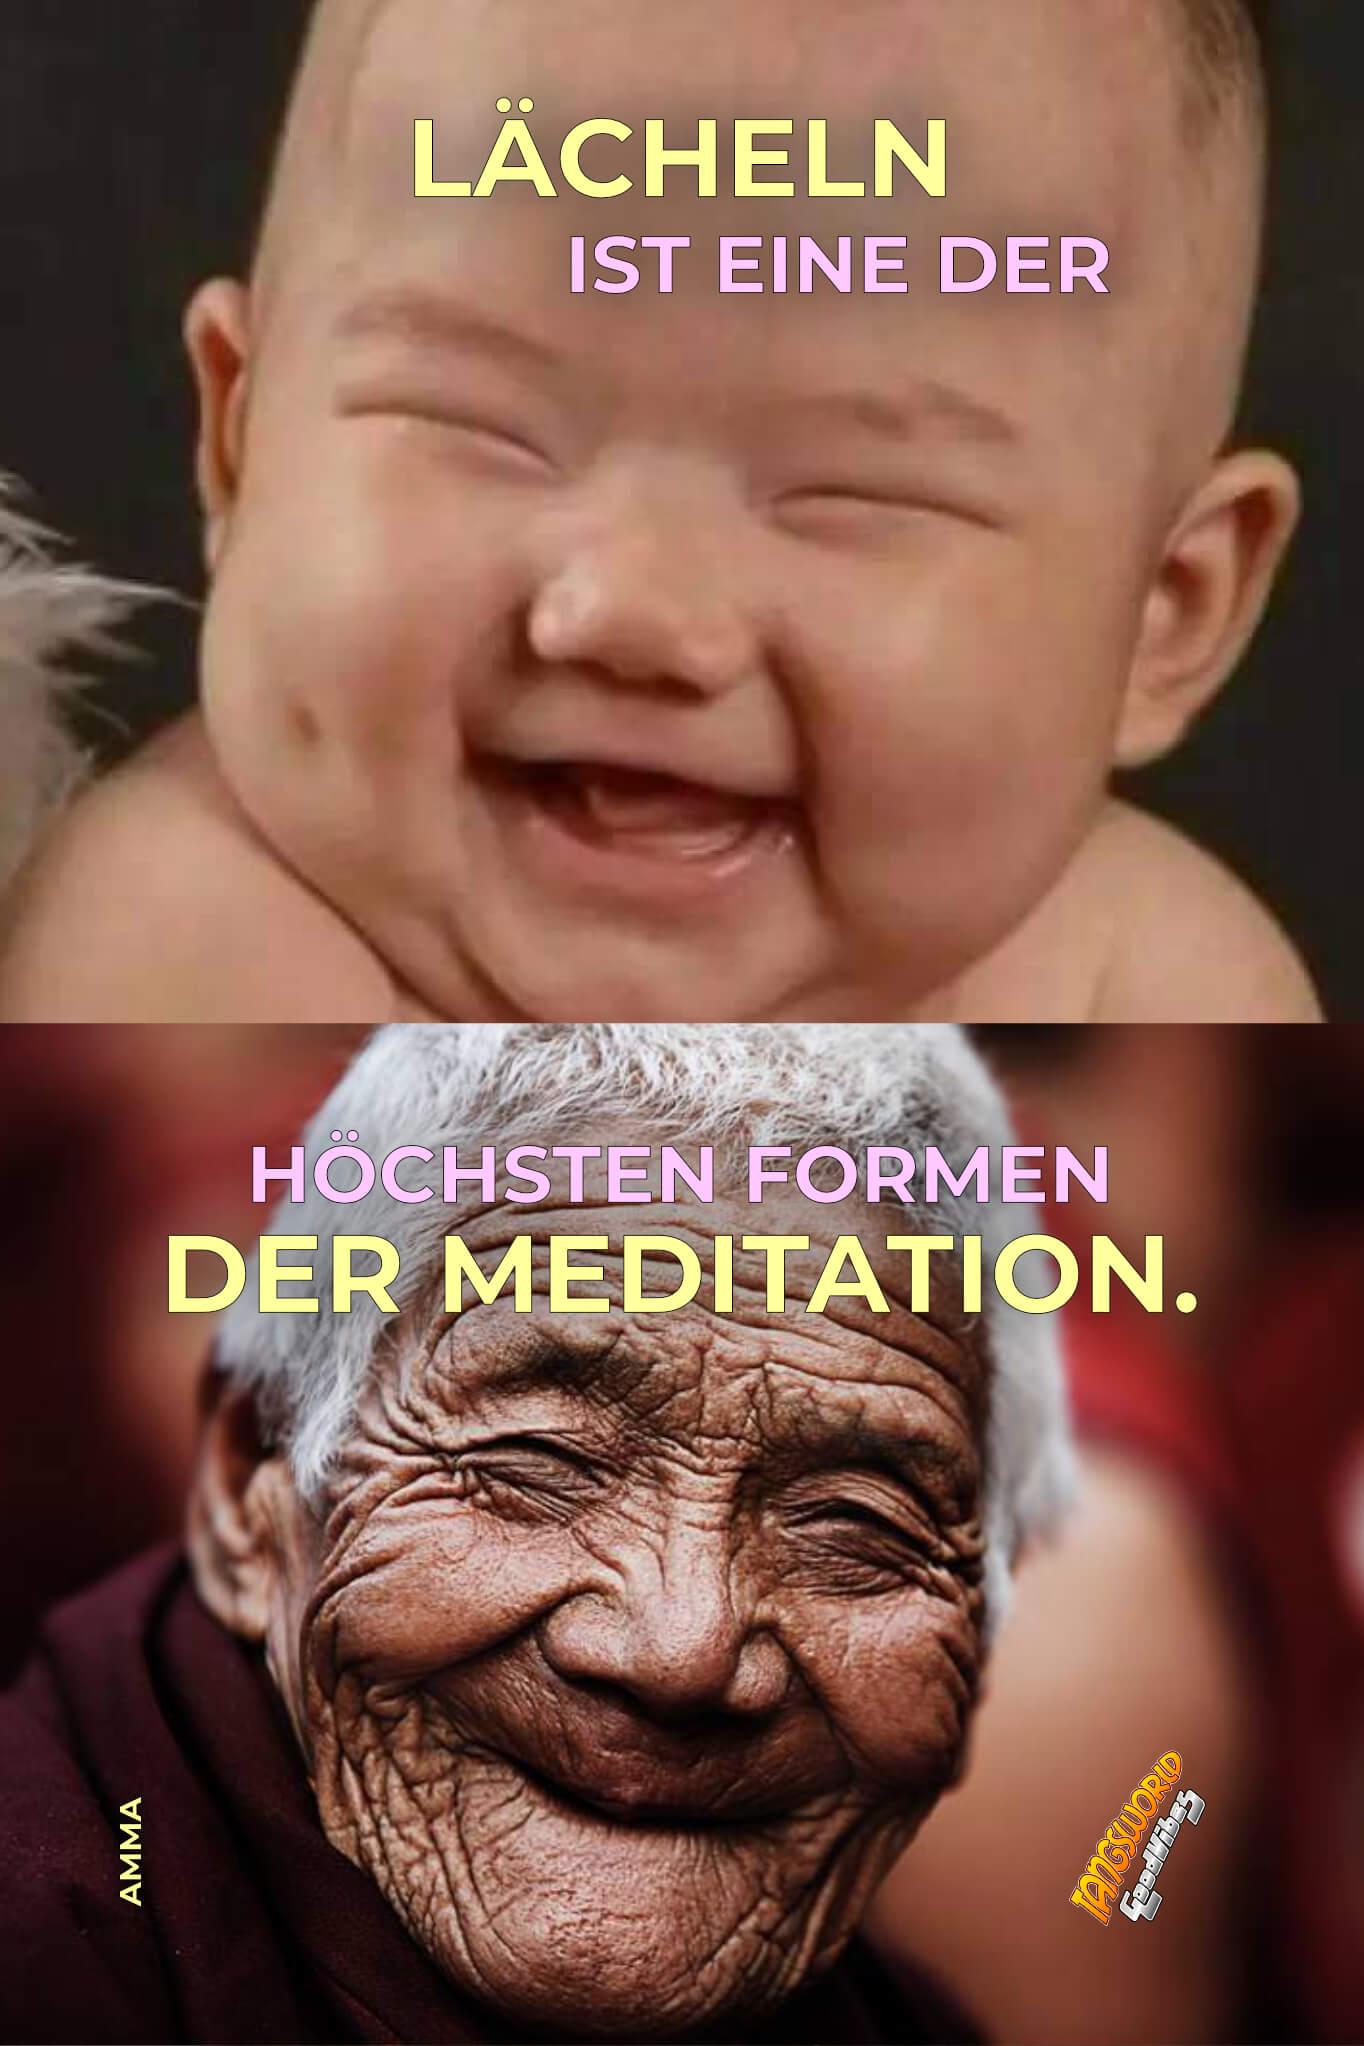 Lächeln ist eine der höchsten Formen der Meditation. - GoodVibes | Amma